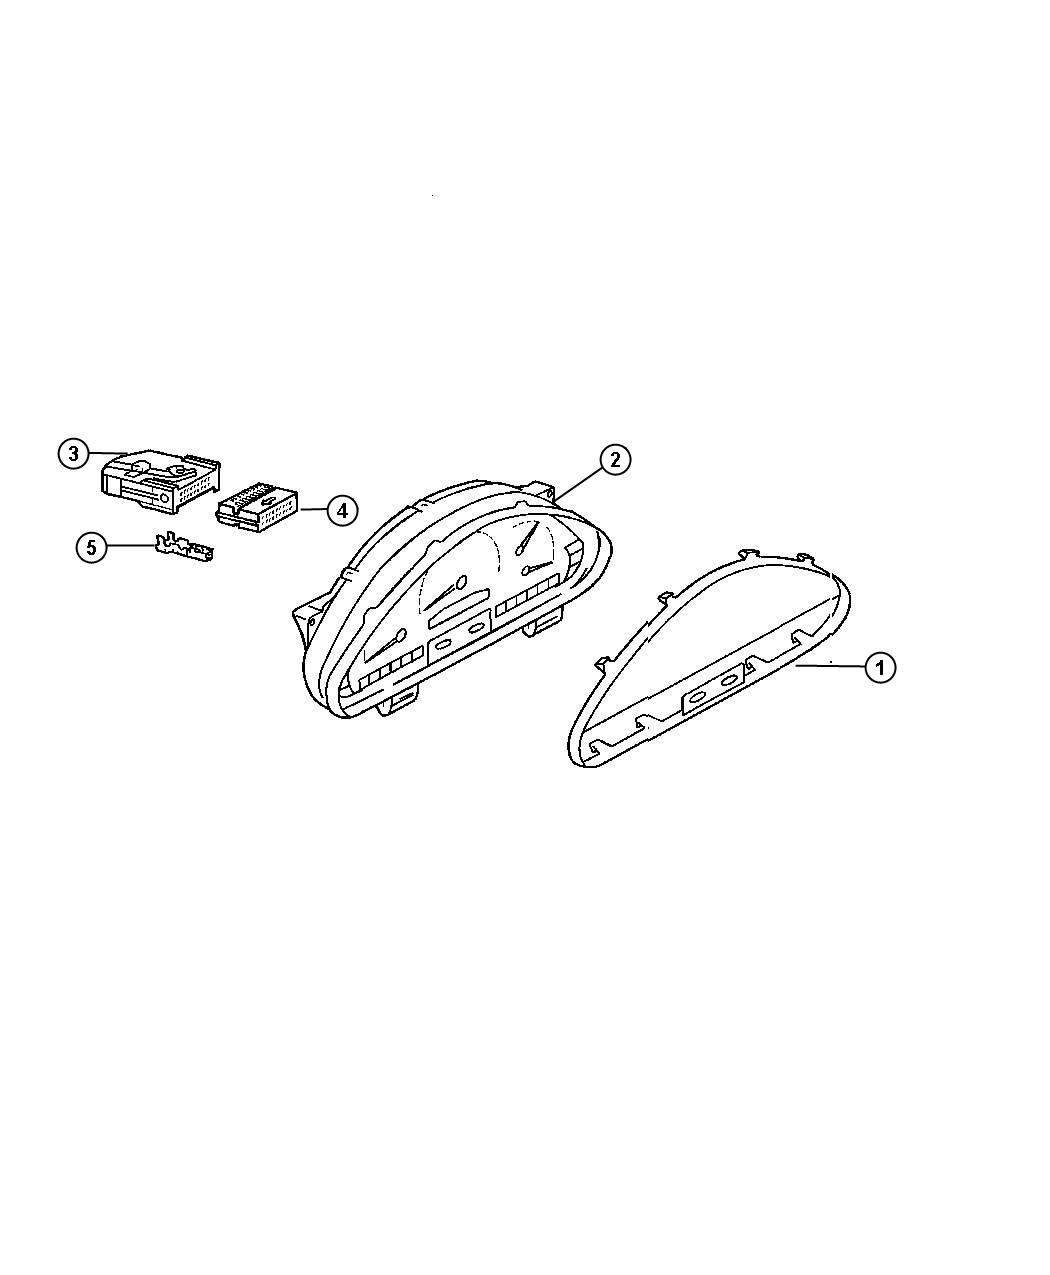 Dodge Sprinter Connector  Wiring  Panel  Mopar  Instrument